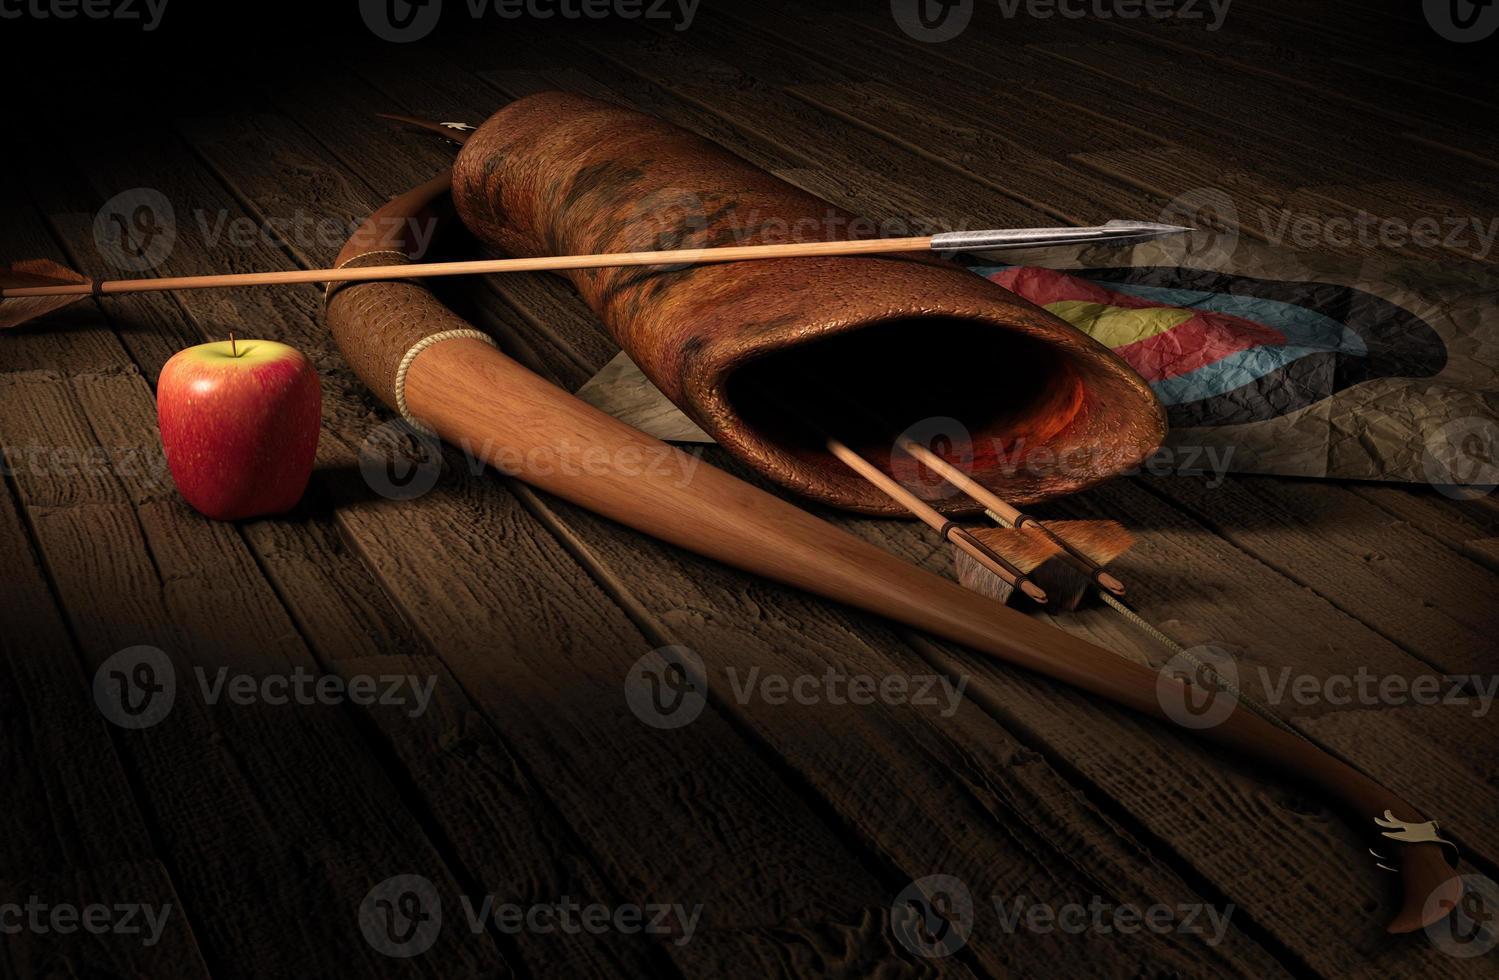 tir à l'arc avec une cible et une pomme sur un plancher en bois photo